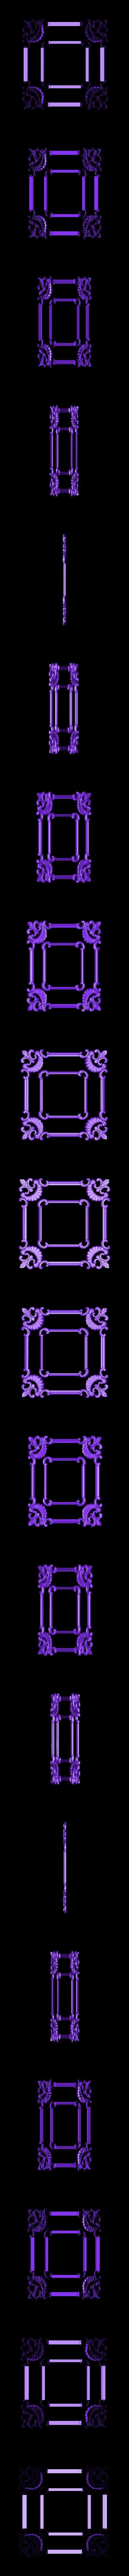 15.stl Télécharger fichier STL gratuit cadre artistique • Plan imprimable en 3D, 3DPrinterFiles